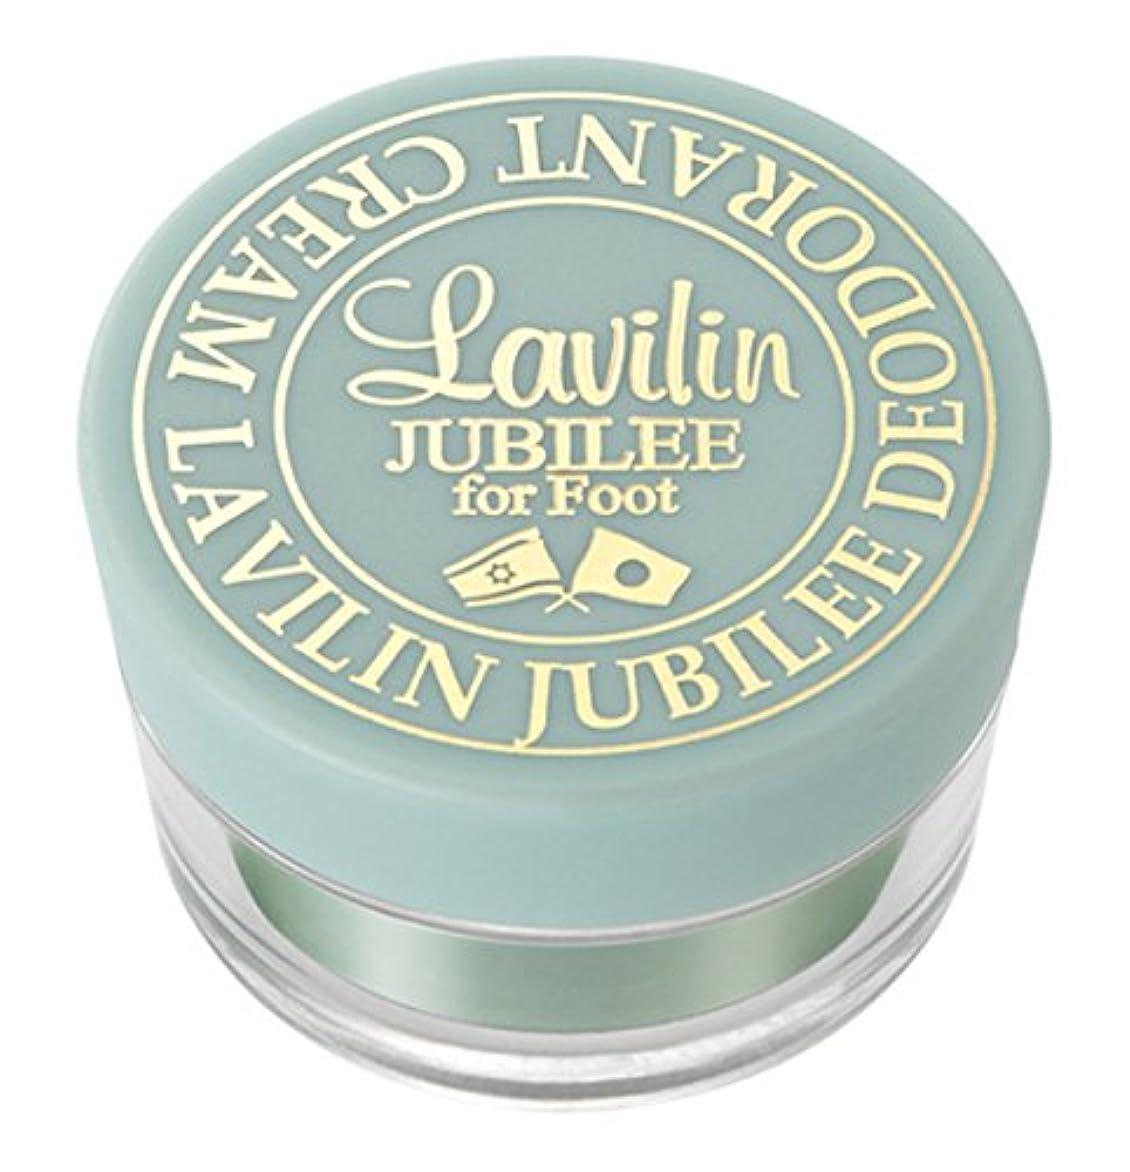 好意的ドアウィザードLavilin Jubilee(ラヴィリンジュビリー)デオドラント ラヴィリンジュビリー フォーフット15g